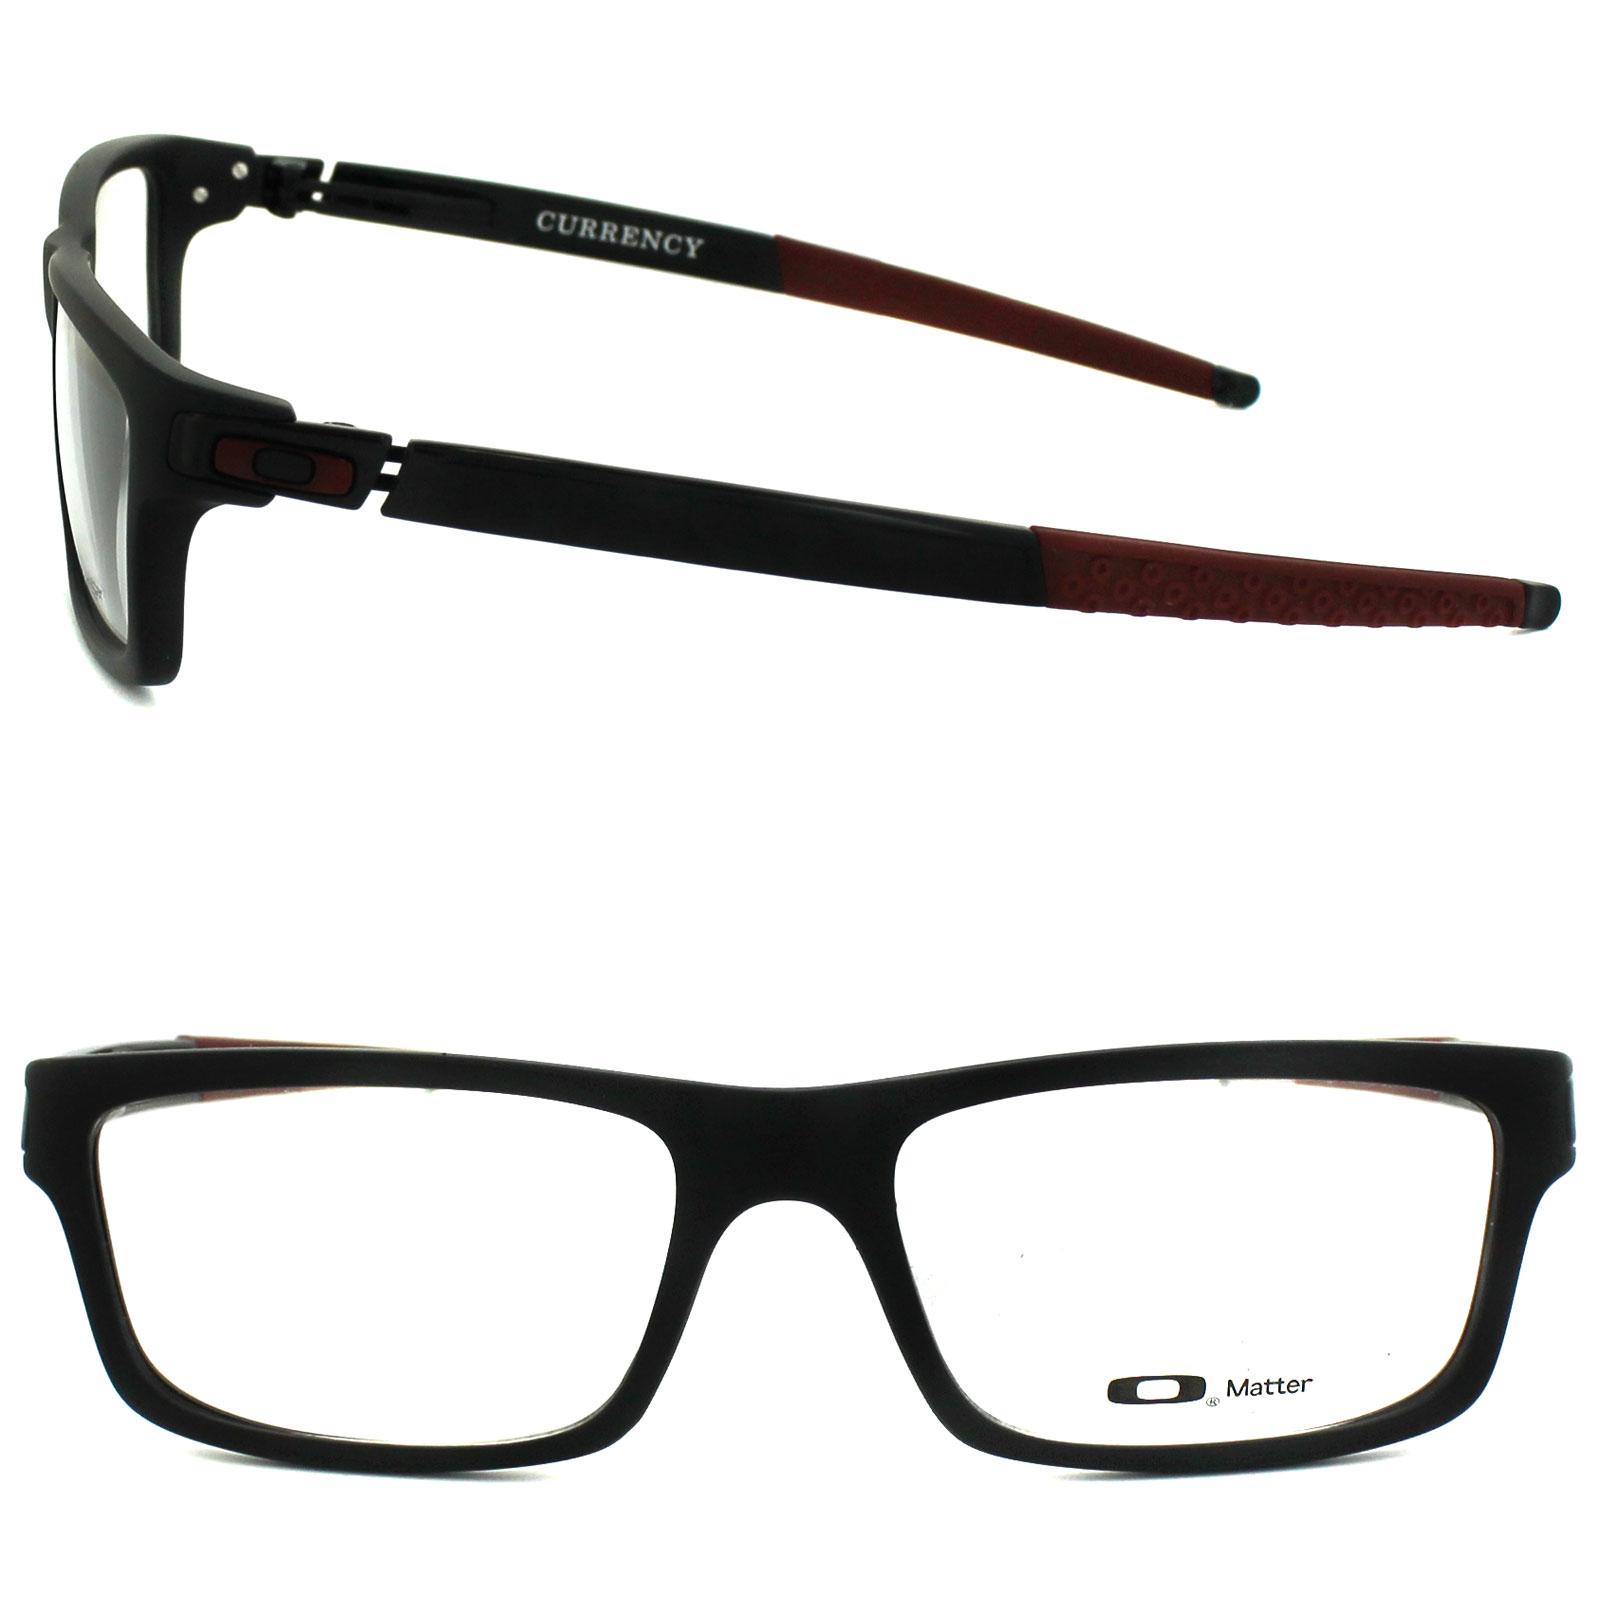 Oakley Red Frame Glasses : Oakley Glasses Frames Currency 8026-12 Satin Black/Red ...